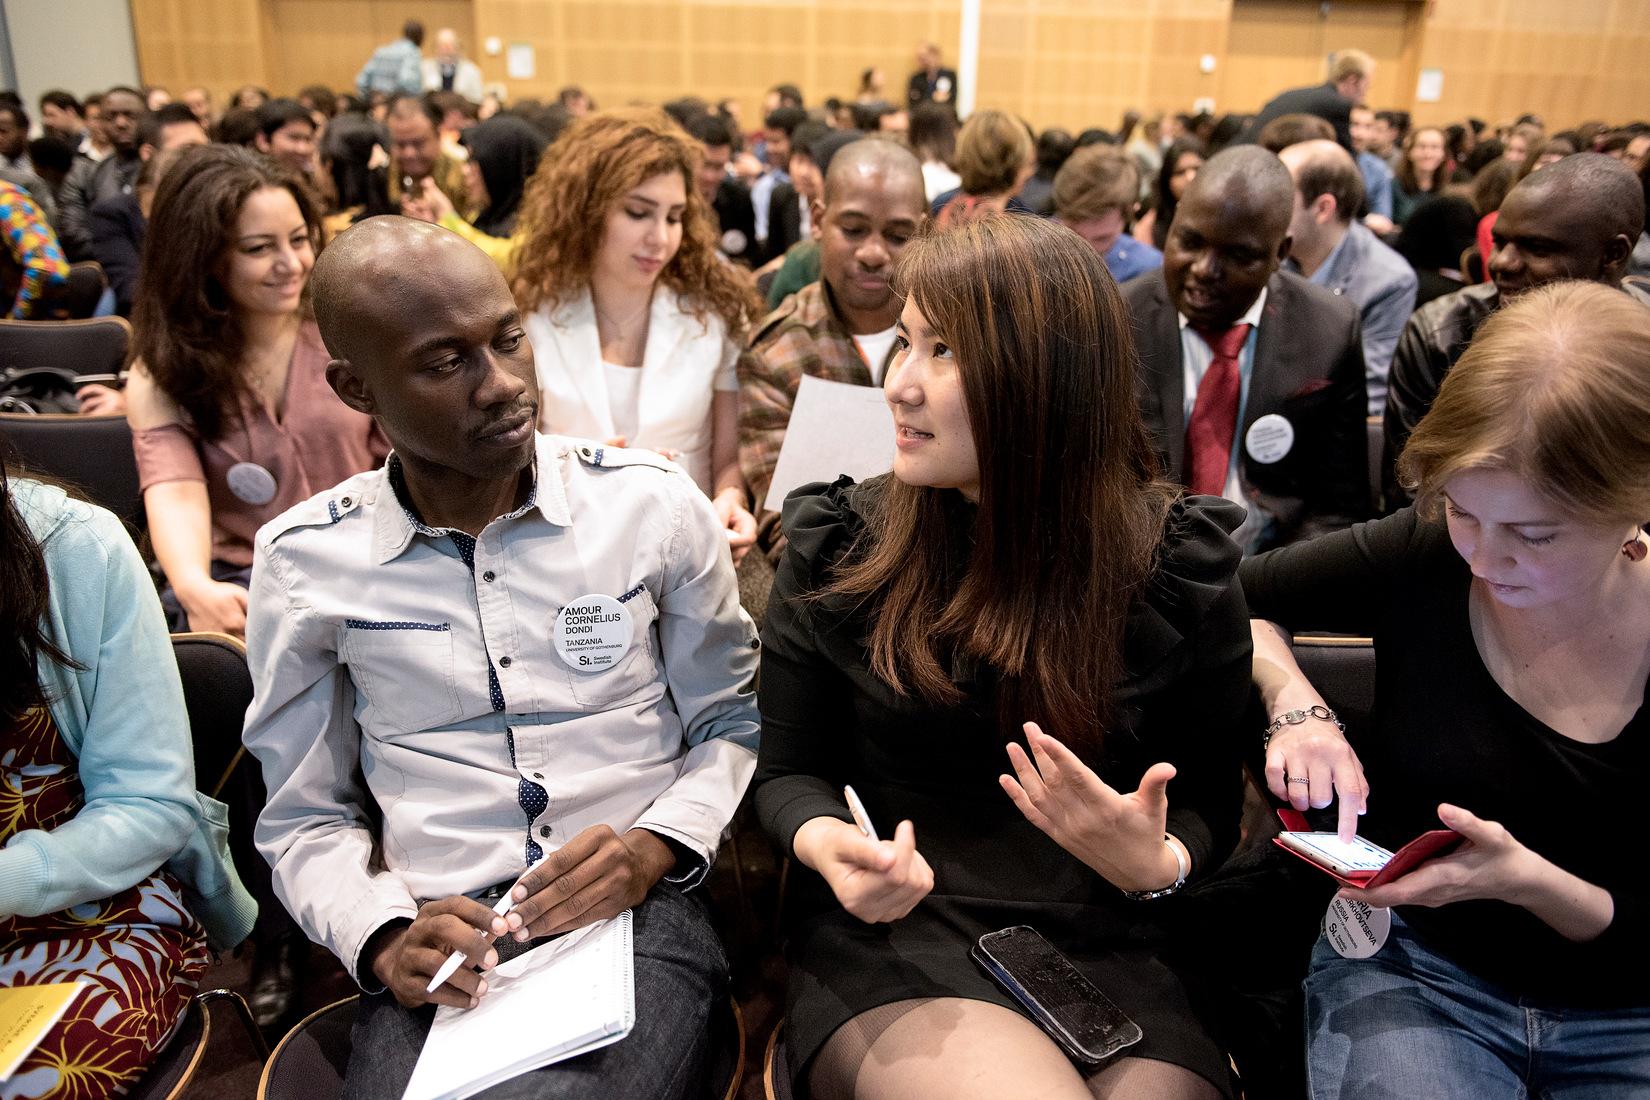 Kvinna och man sittandes i publik